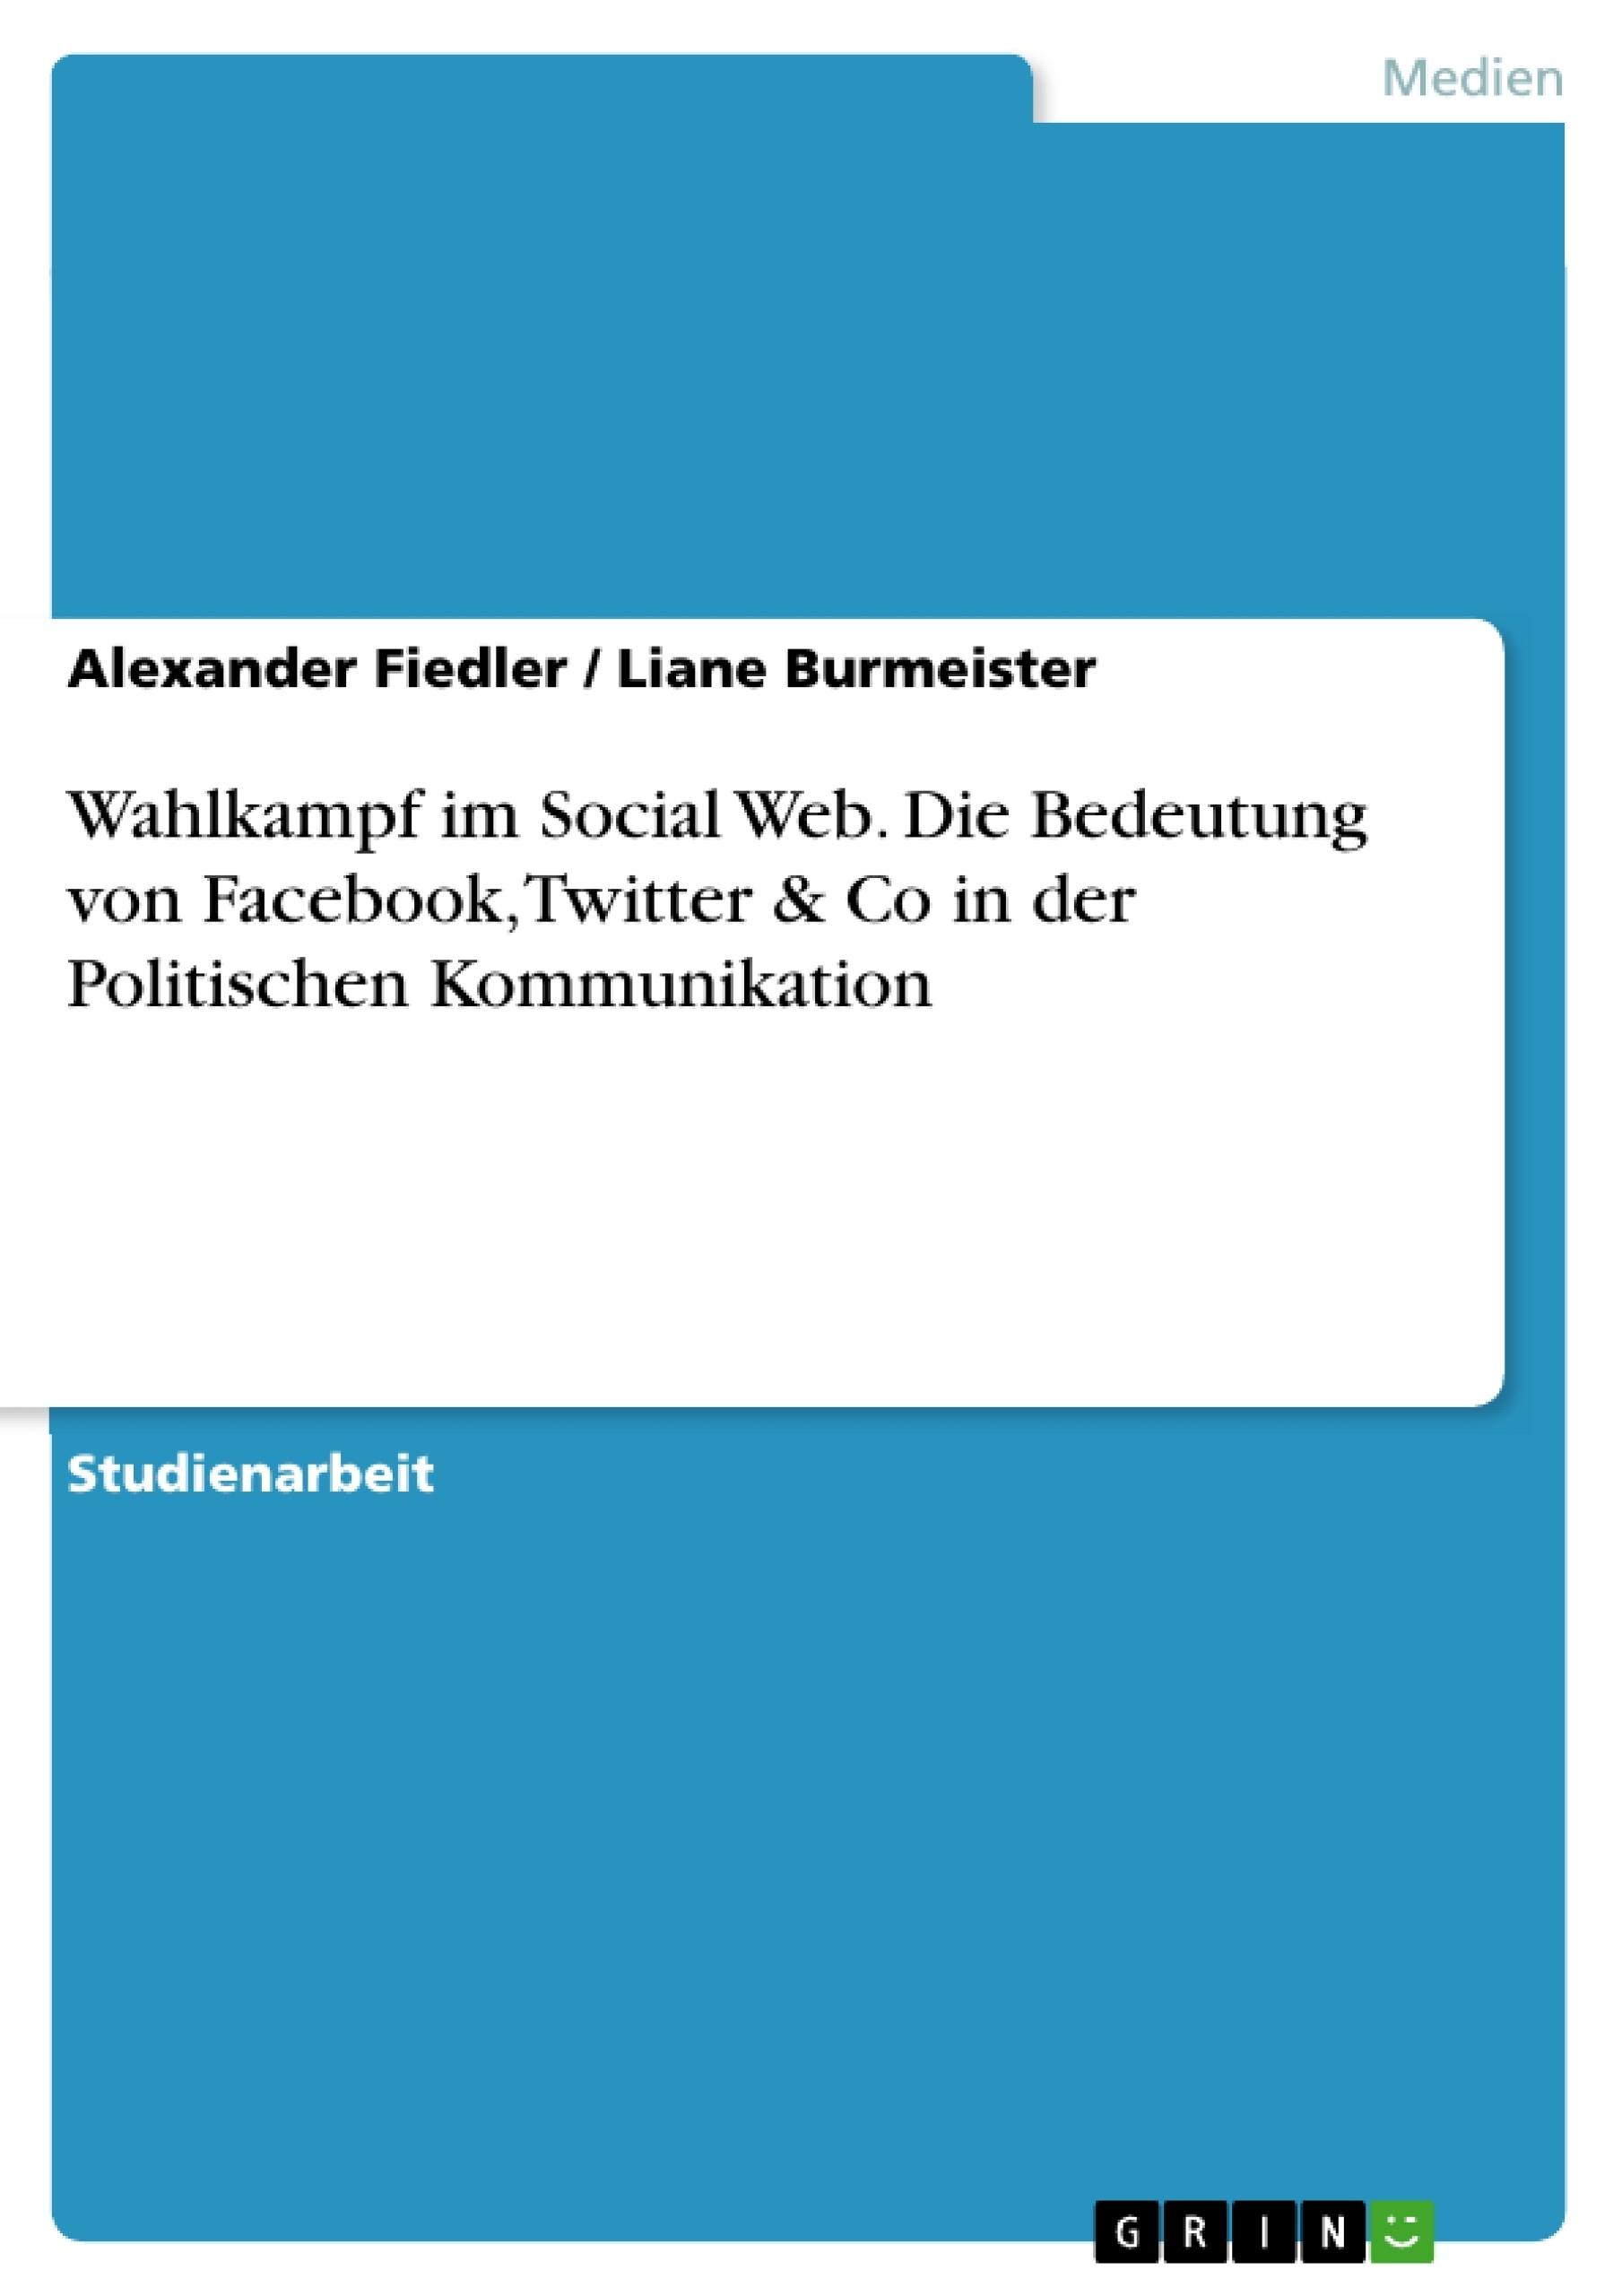 Titel: Wahlkampf im Social Web. Die Bedeutung von Facebook, Twitter & Co in der Politischen Kommunikation